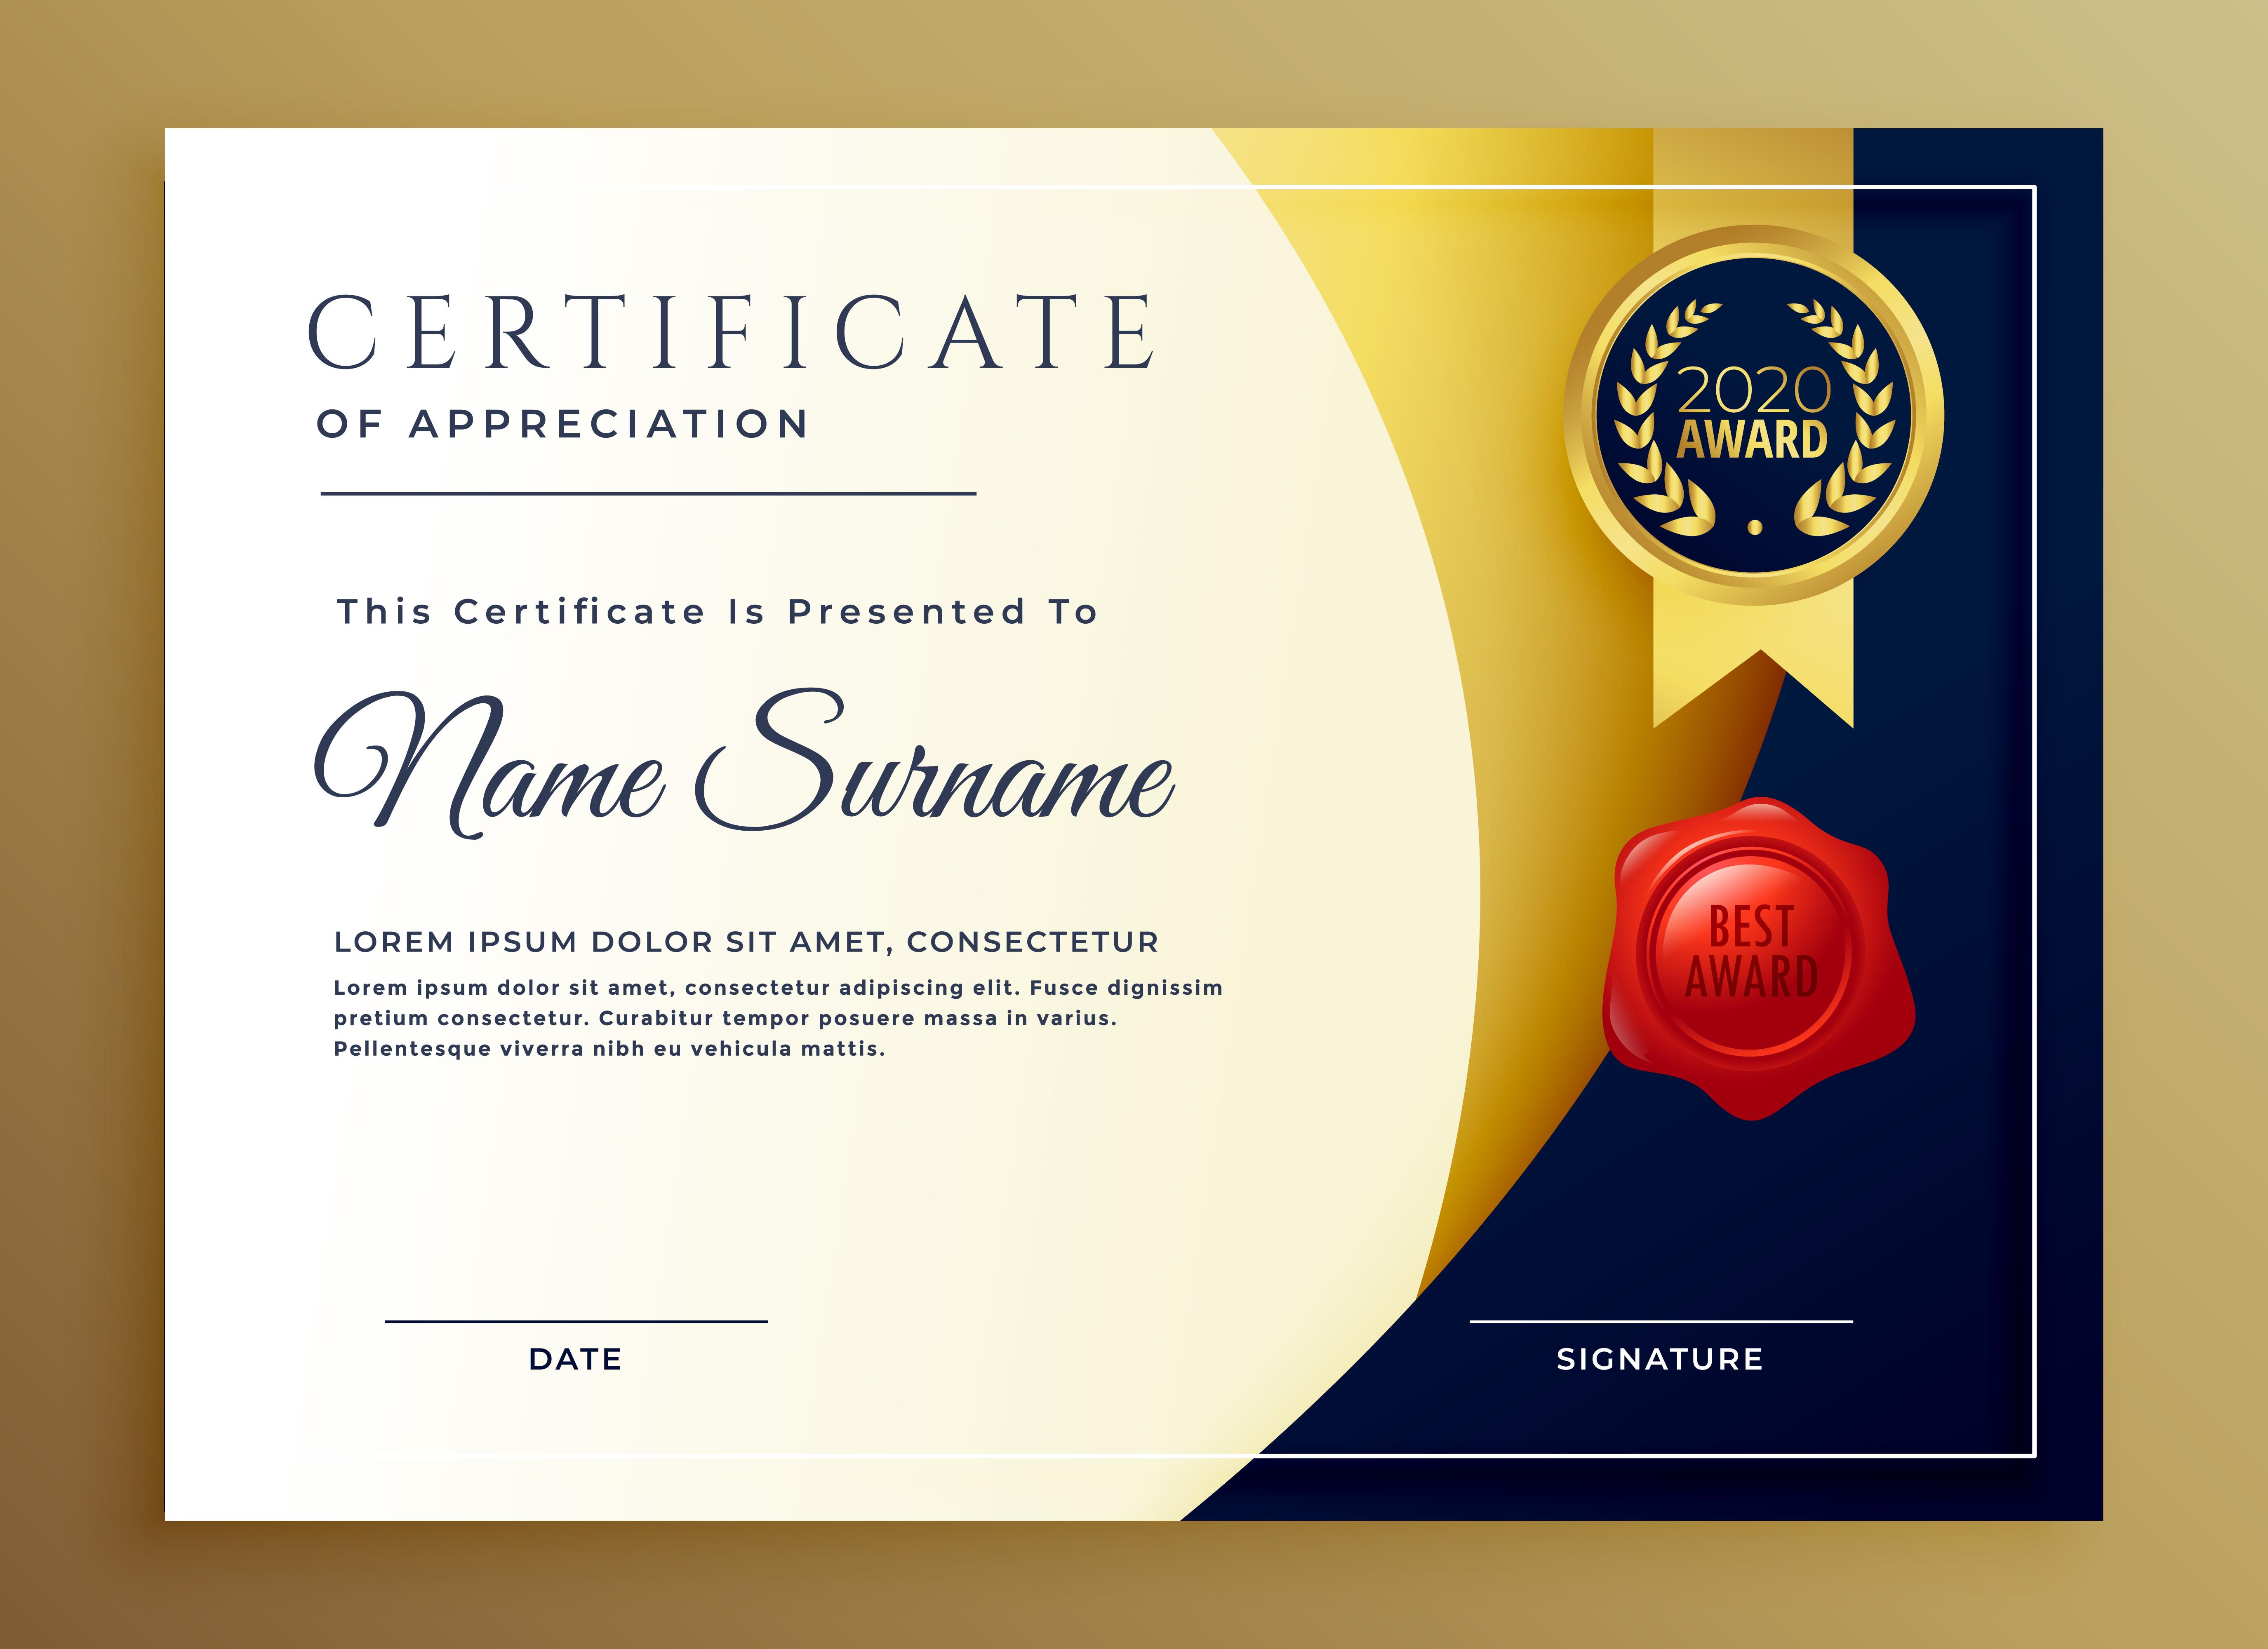 Elegant Certificate Of Appreciatiom Template Design